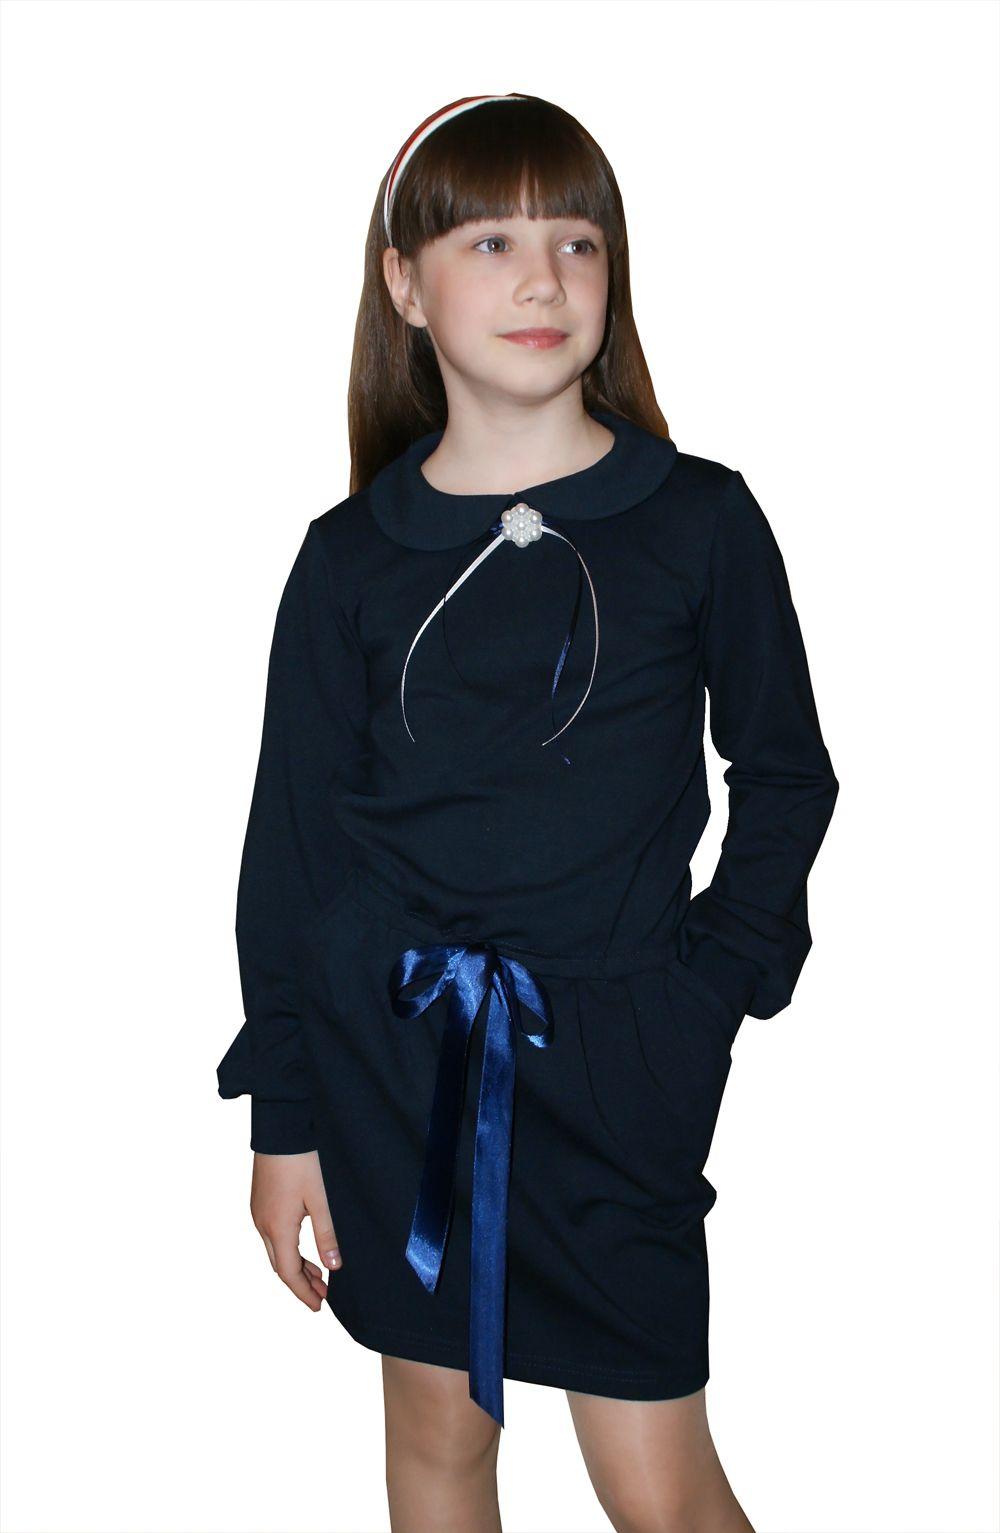 Сбор заказов. Одежда для детей М@ттiель-15. Новые модели нарядных блузок. Скоро последний звонок! Скидки до -25% на коллекции лето и осень! Роскошные нарядные платья от 850руб. вместо 2500р.! Собираем быстро! Без рядов.